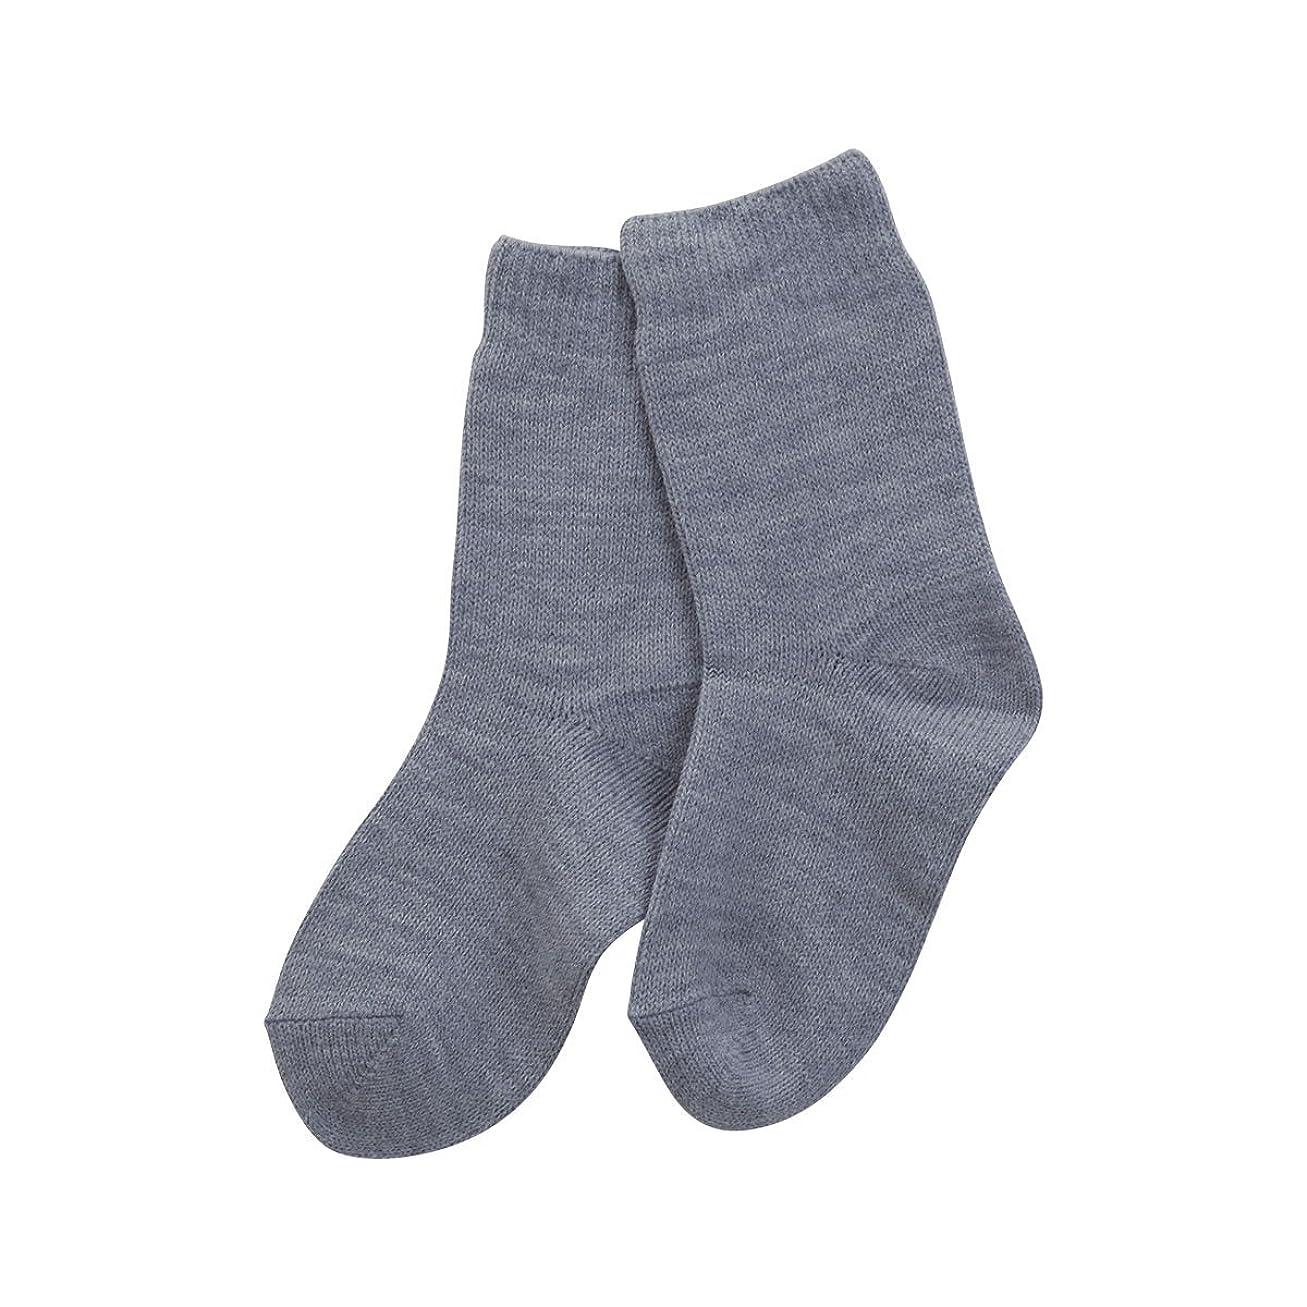 切断するレトルトクロニクル(コベス) KOBES ゴムなし 毛混 超ゆったり特大サイズ 大きいサイズ 靴下 日本製 婦人靴下